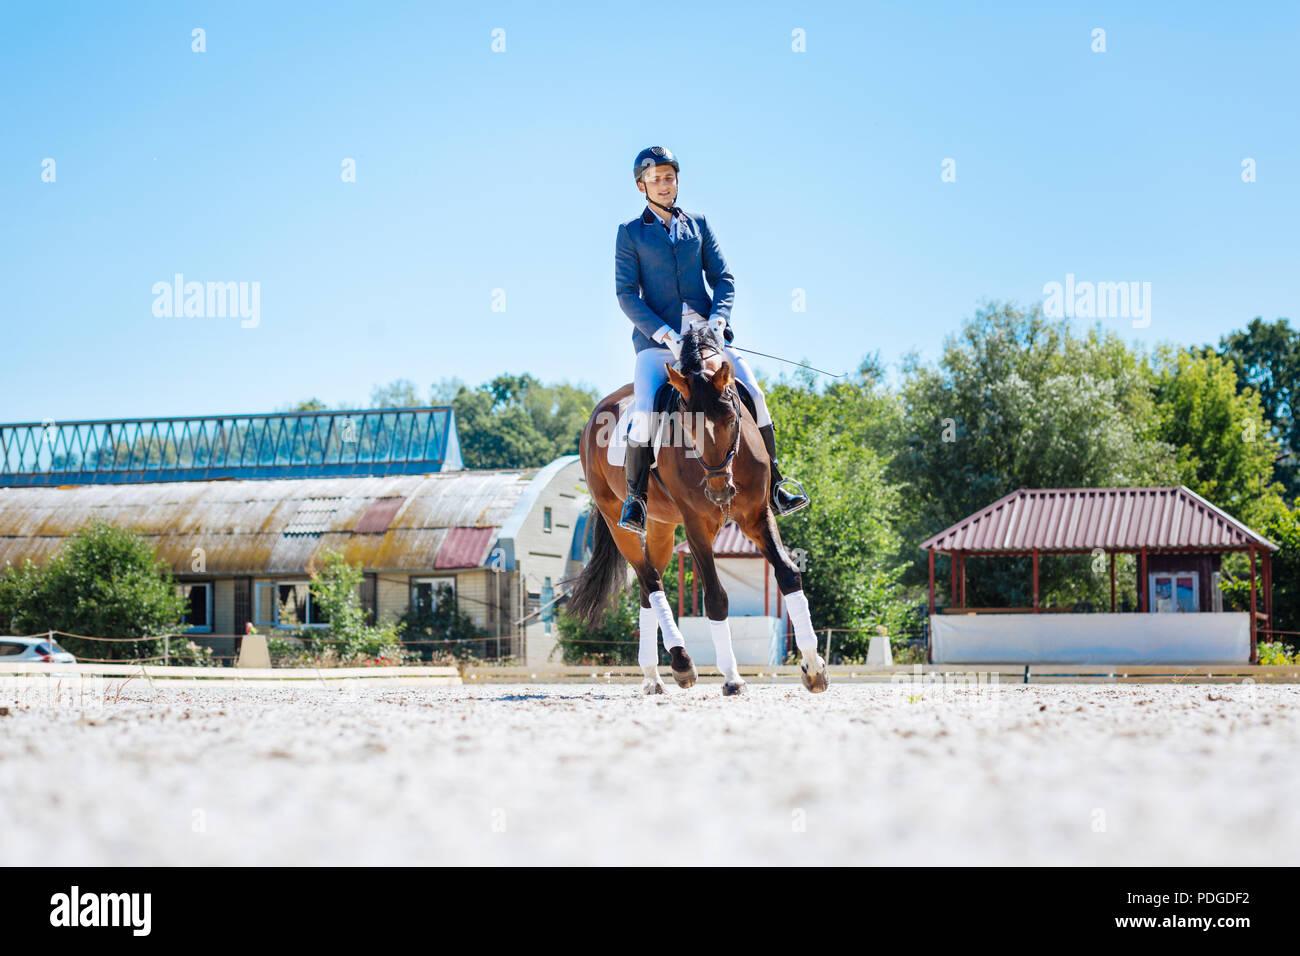 Atlético hombre caballo sensación agradable mientras monta su caballo en fin de semana Imagen De Stock